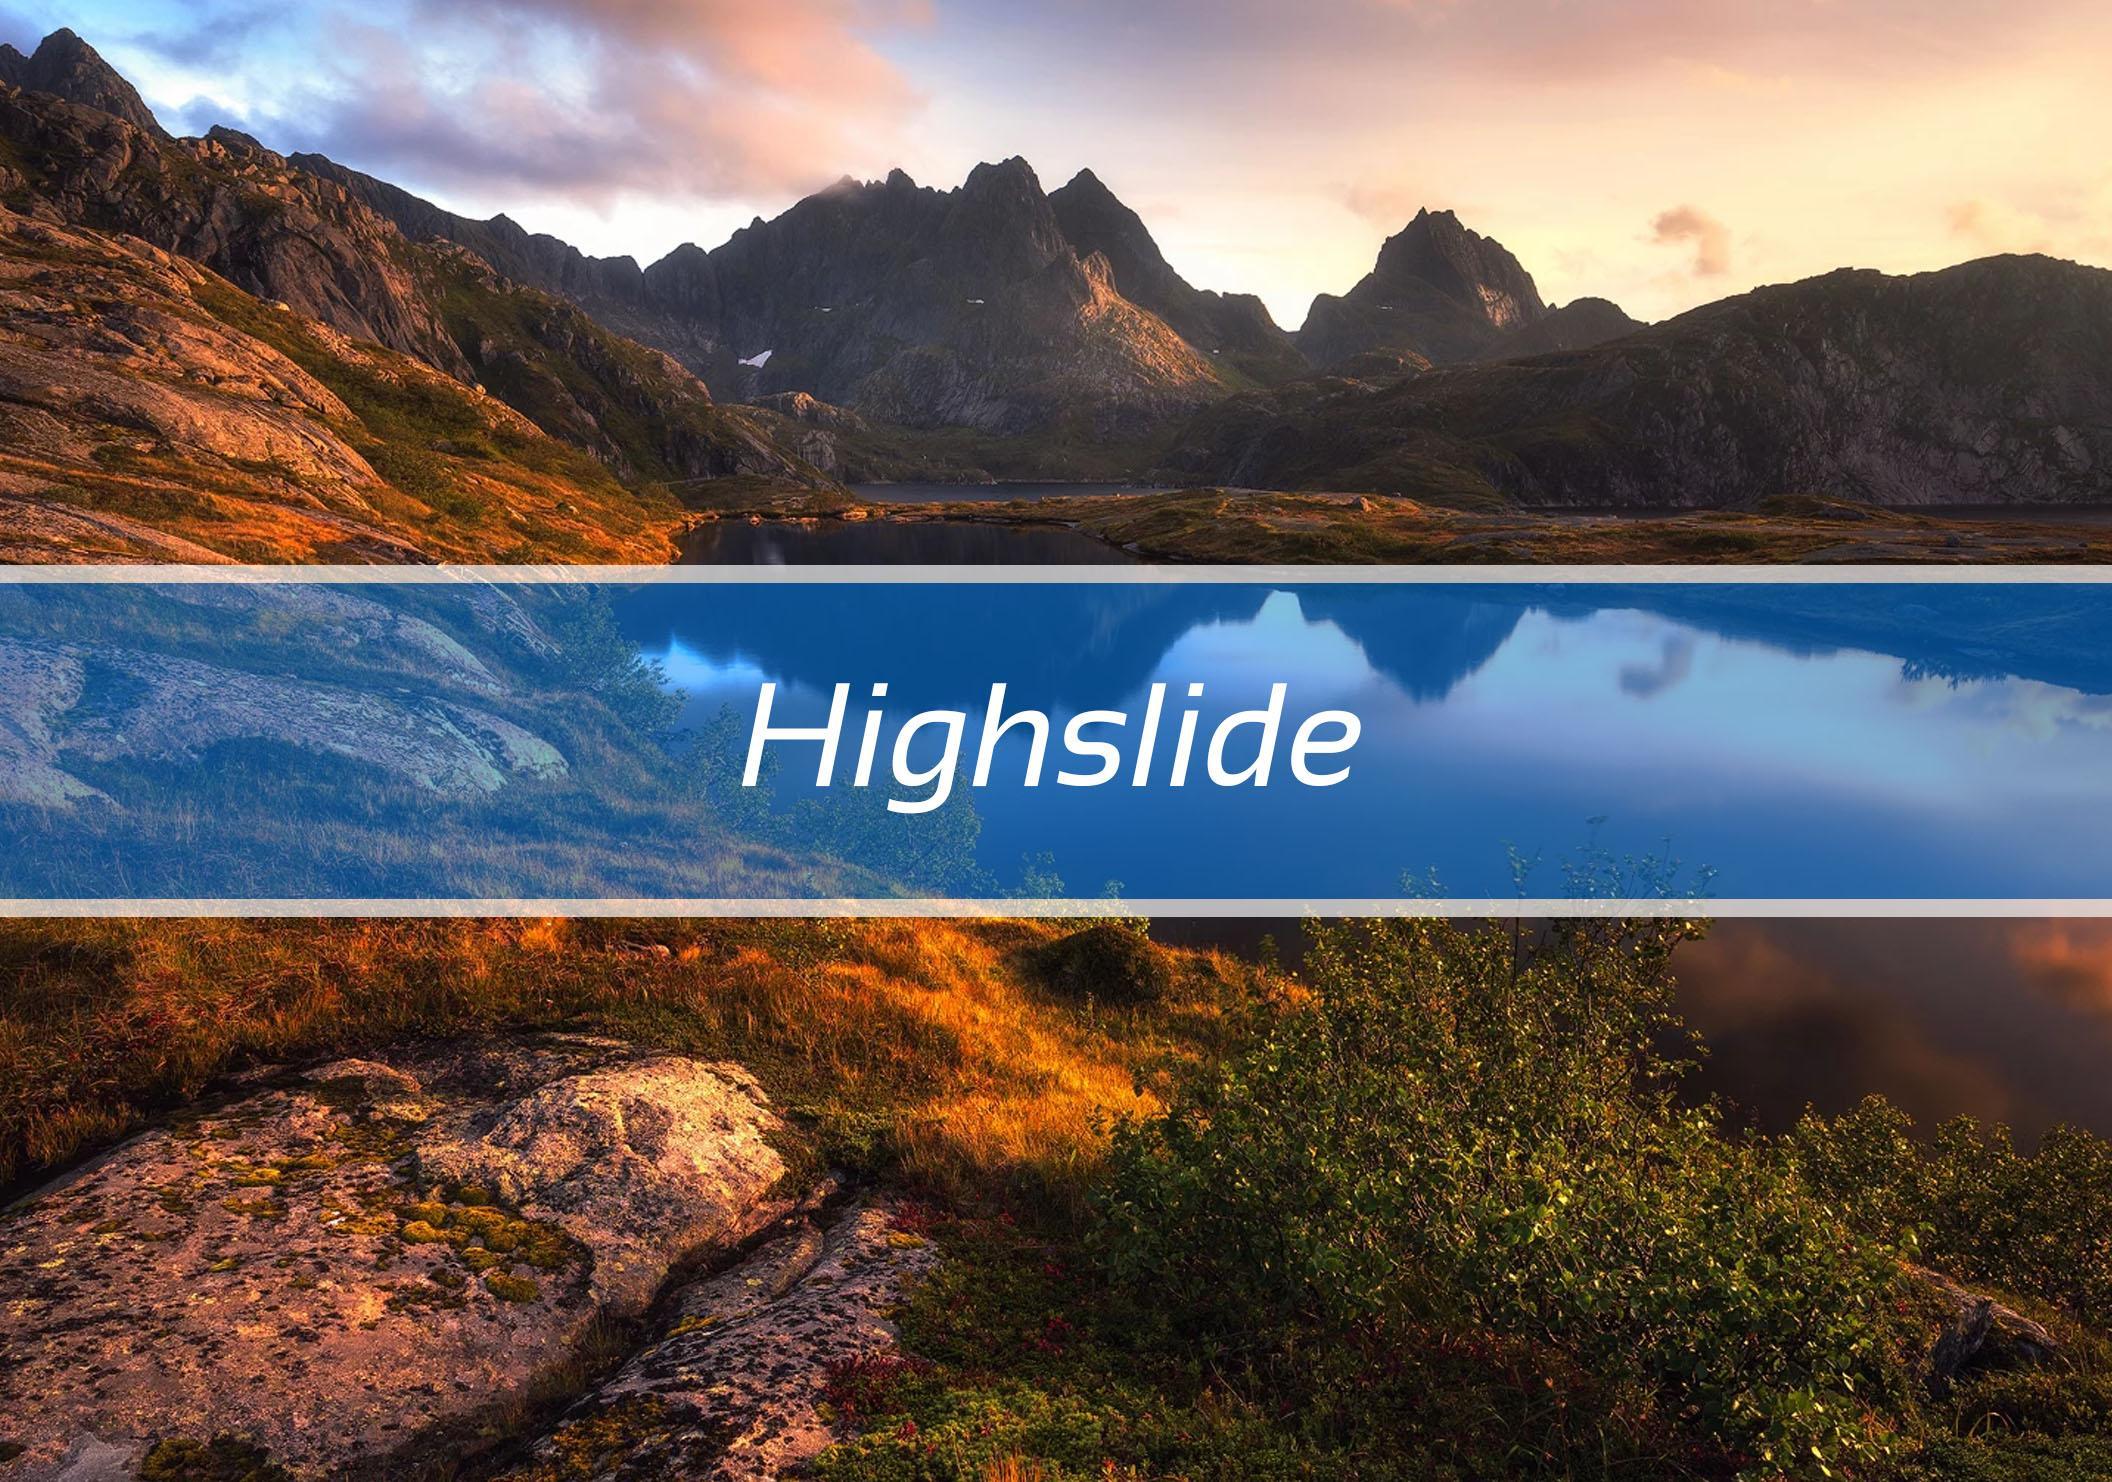 Highslide